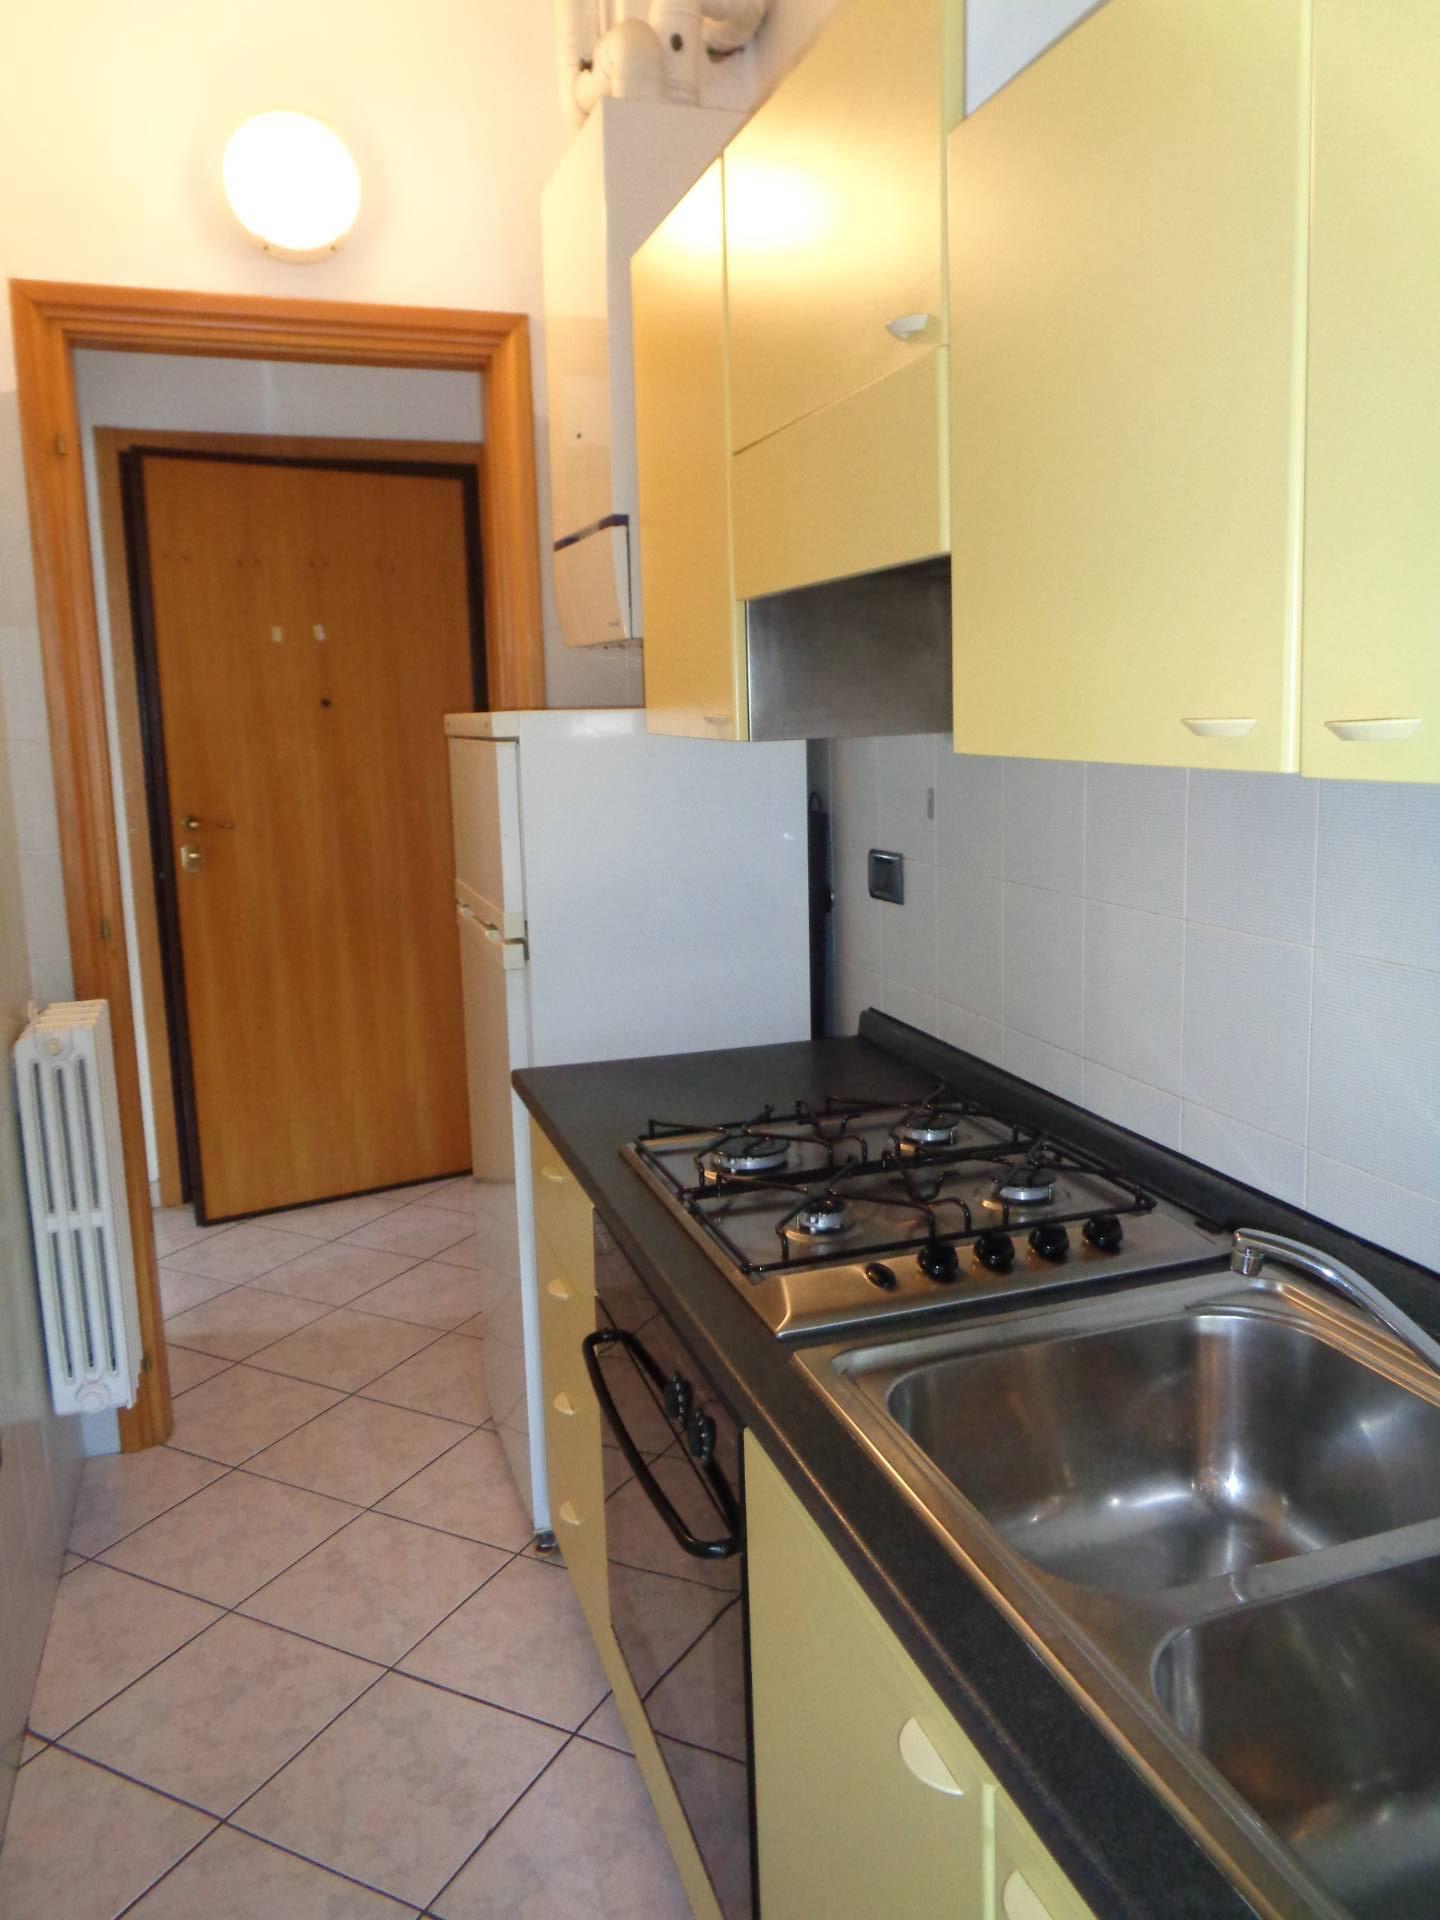 Attico / Mansarda in affitto a Bellaria Igea Marina, 2 locali, prezzo € 550 | CambioCasa.it